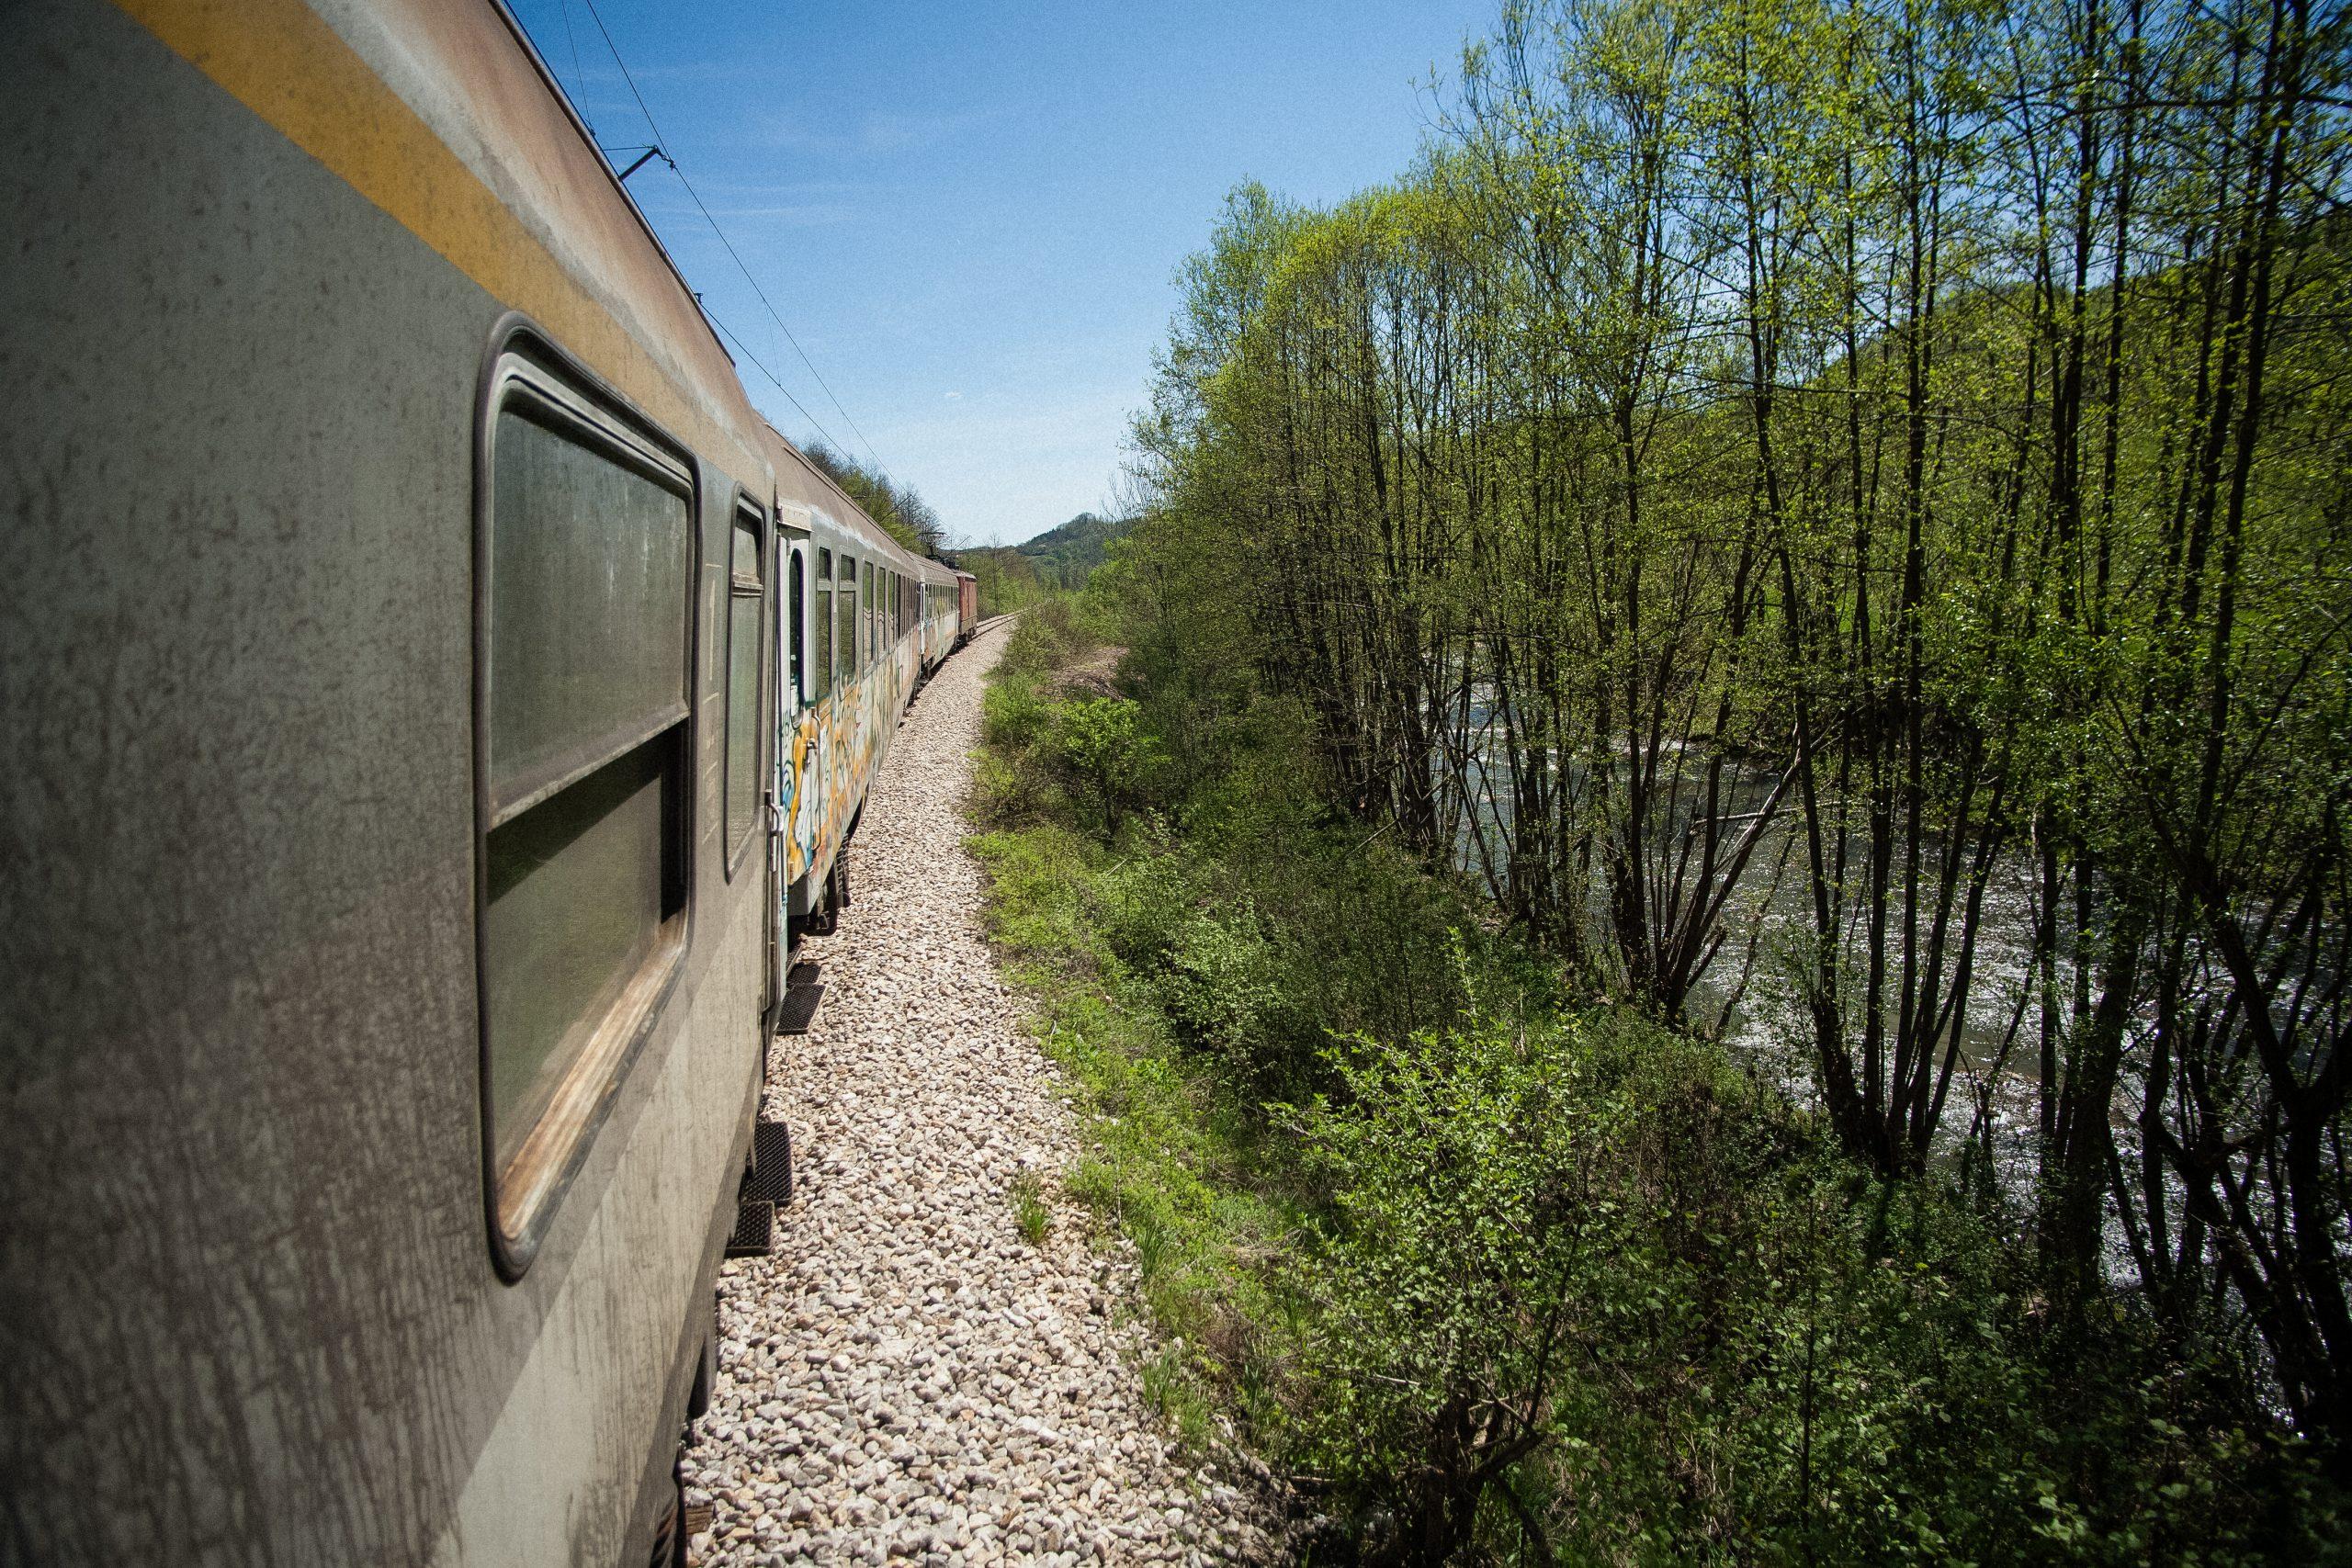 Train trip in Serbia